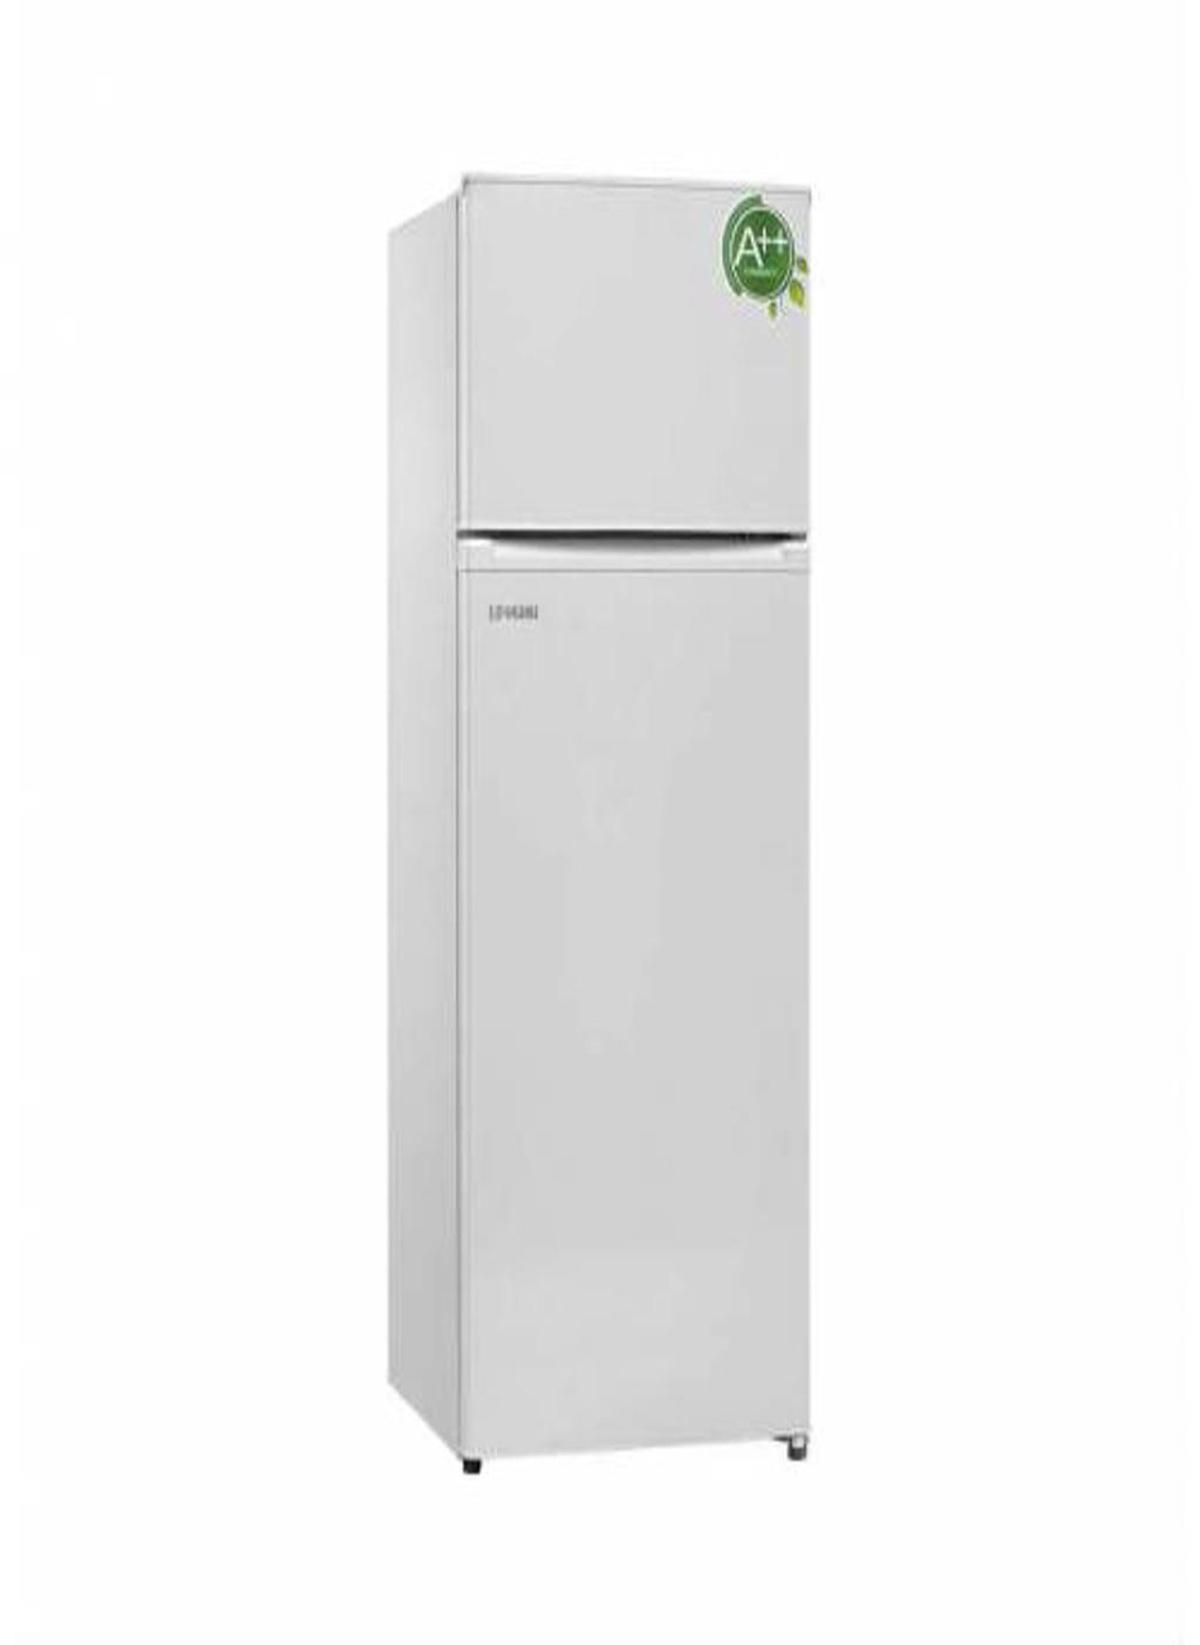 Standart Uğur Ues 273 D2K A++ Çift Kapılı Buzdolabı